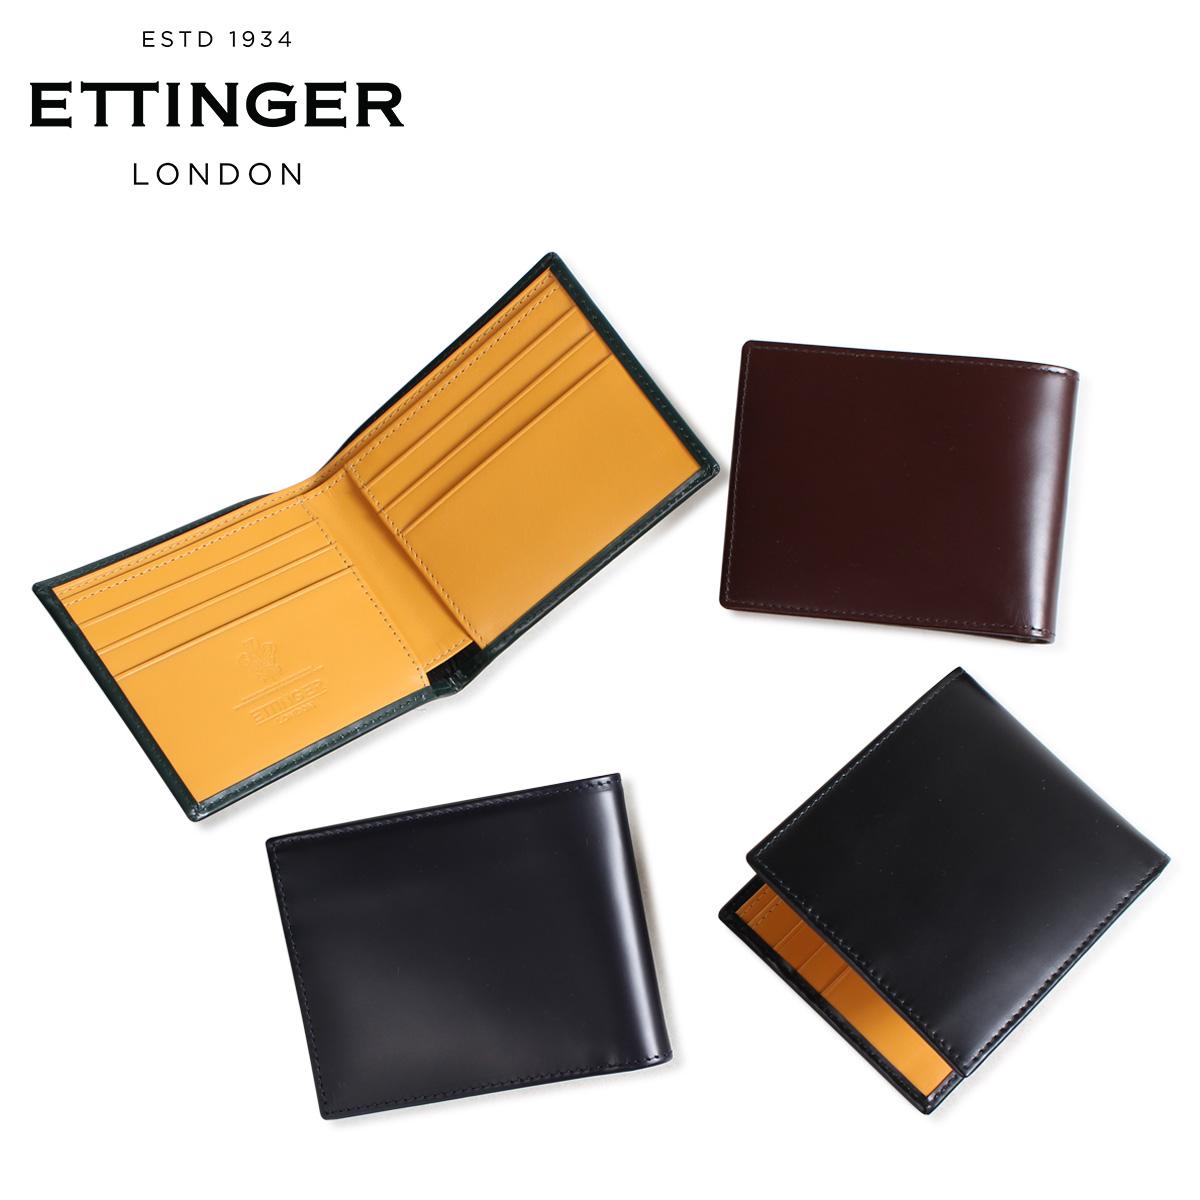 【送料無料】 【あす楽対応】 エッティンガー ETTINGER 財布 ETTINGER エッティンガー 財布 二つ折り メンズ レザー BILLFOLD WALLET WITH CARD CASE ブラック ネイビー ブラウン グリーン 黒 BH030